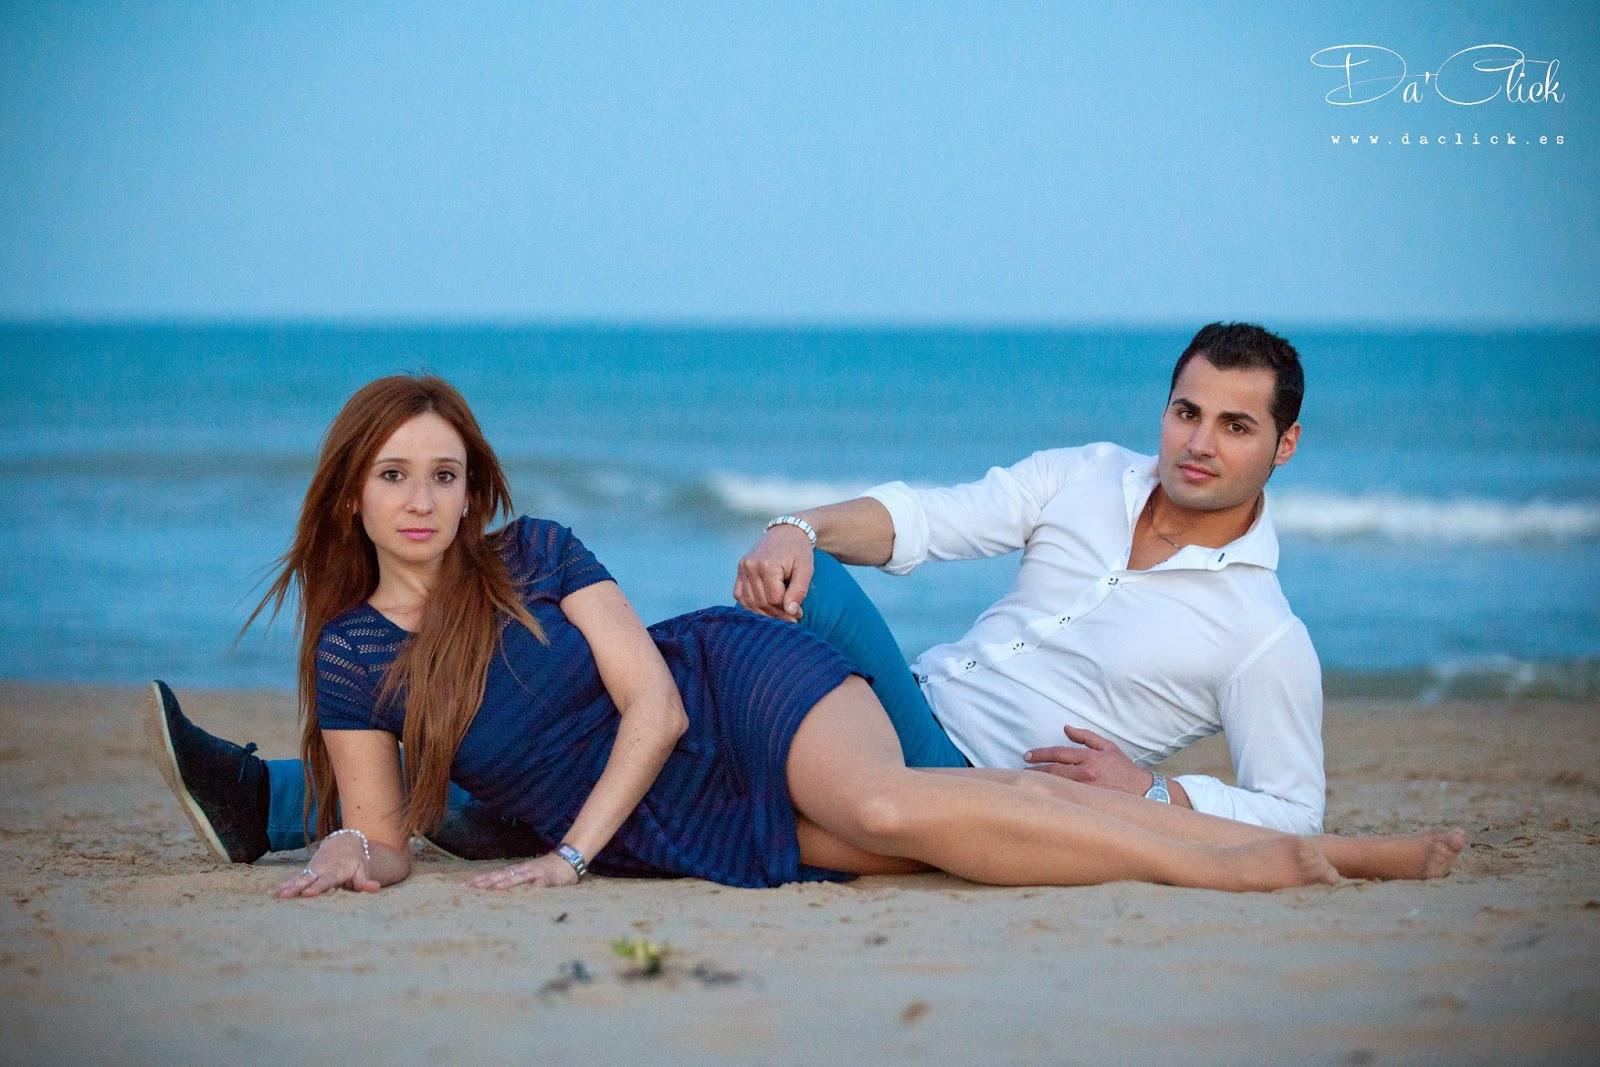 pareja en la arena de la playa vestidos de azul